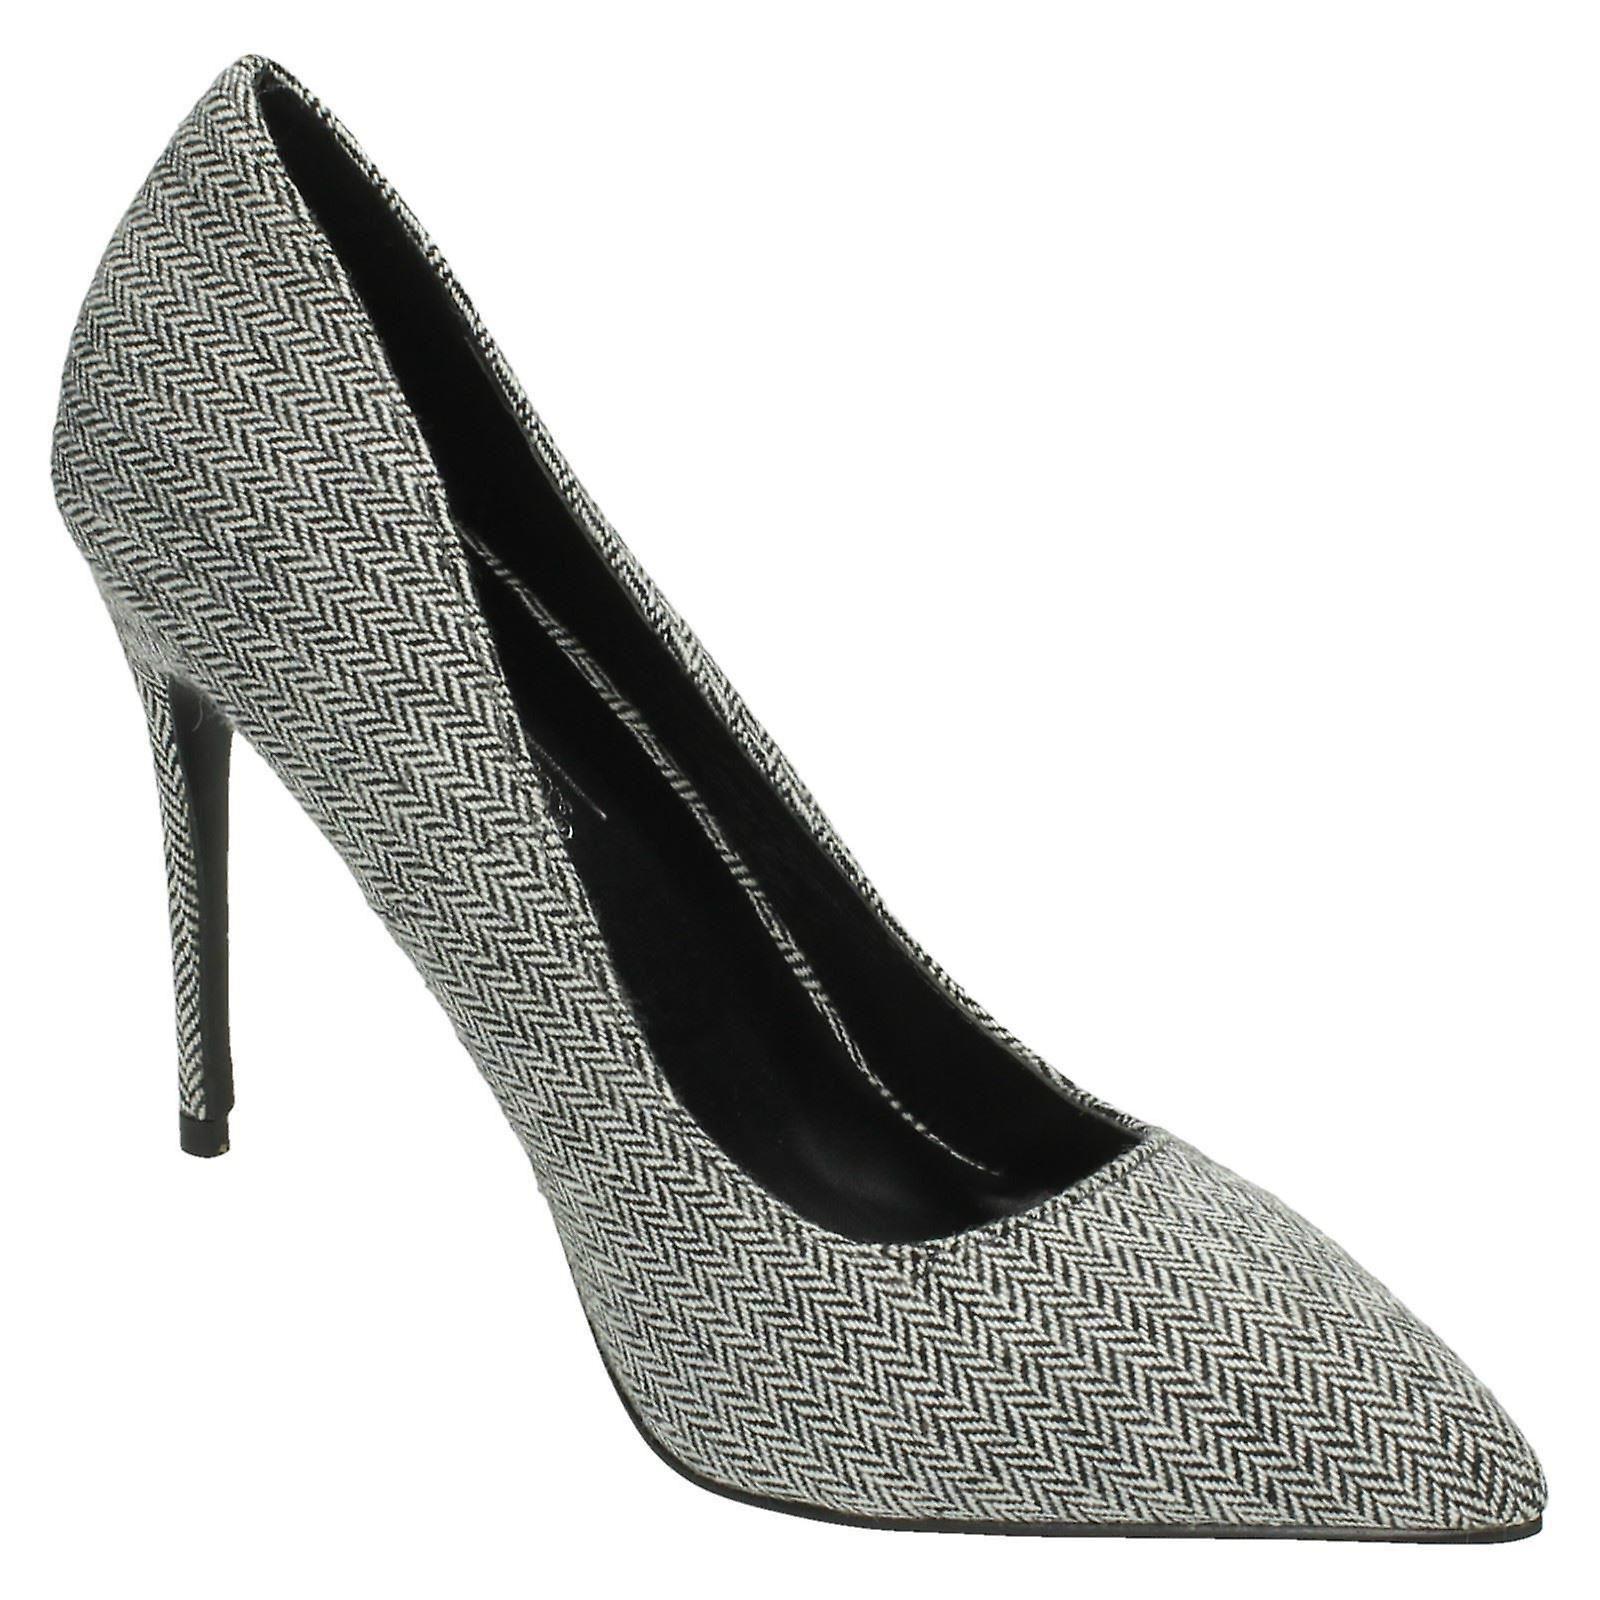 Court Ladies Court Anne Michelle Shoes Ladies Michelle Ladies Court Shoes Shoes Anne Anne Michelle 14TxtZn